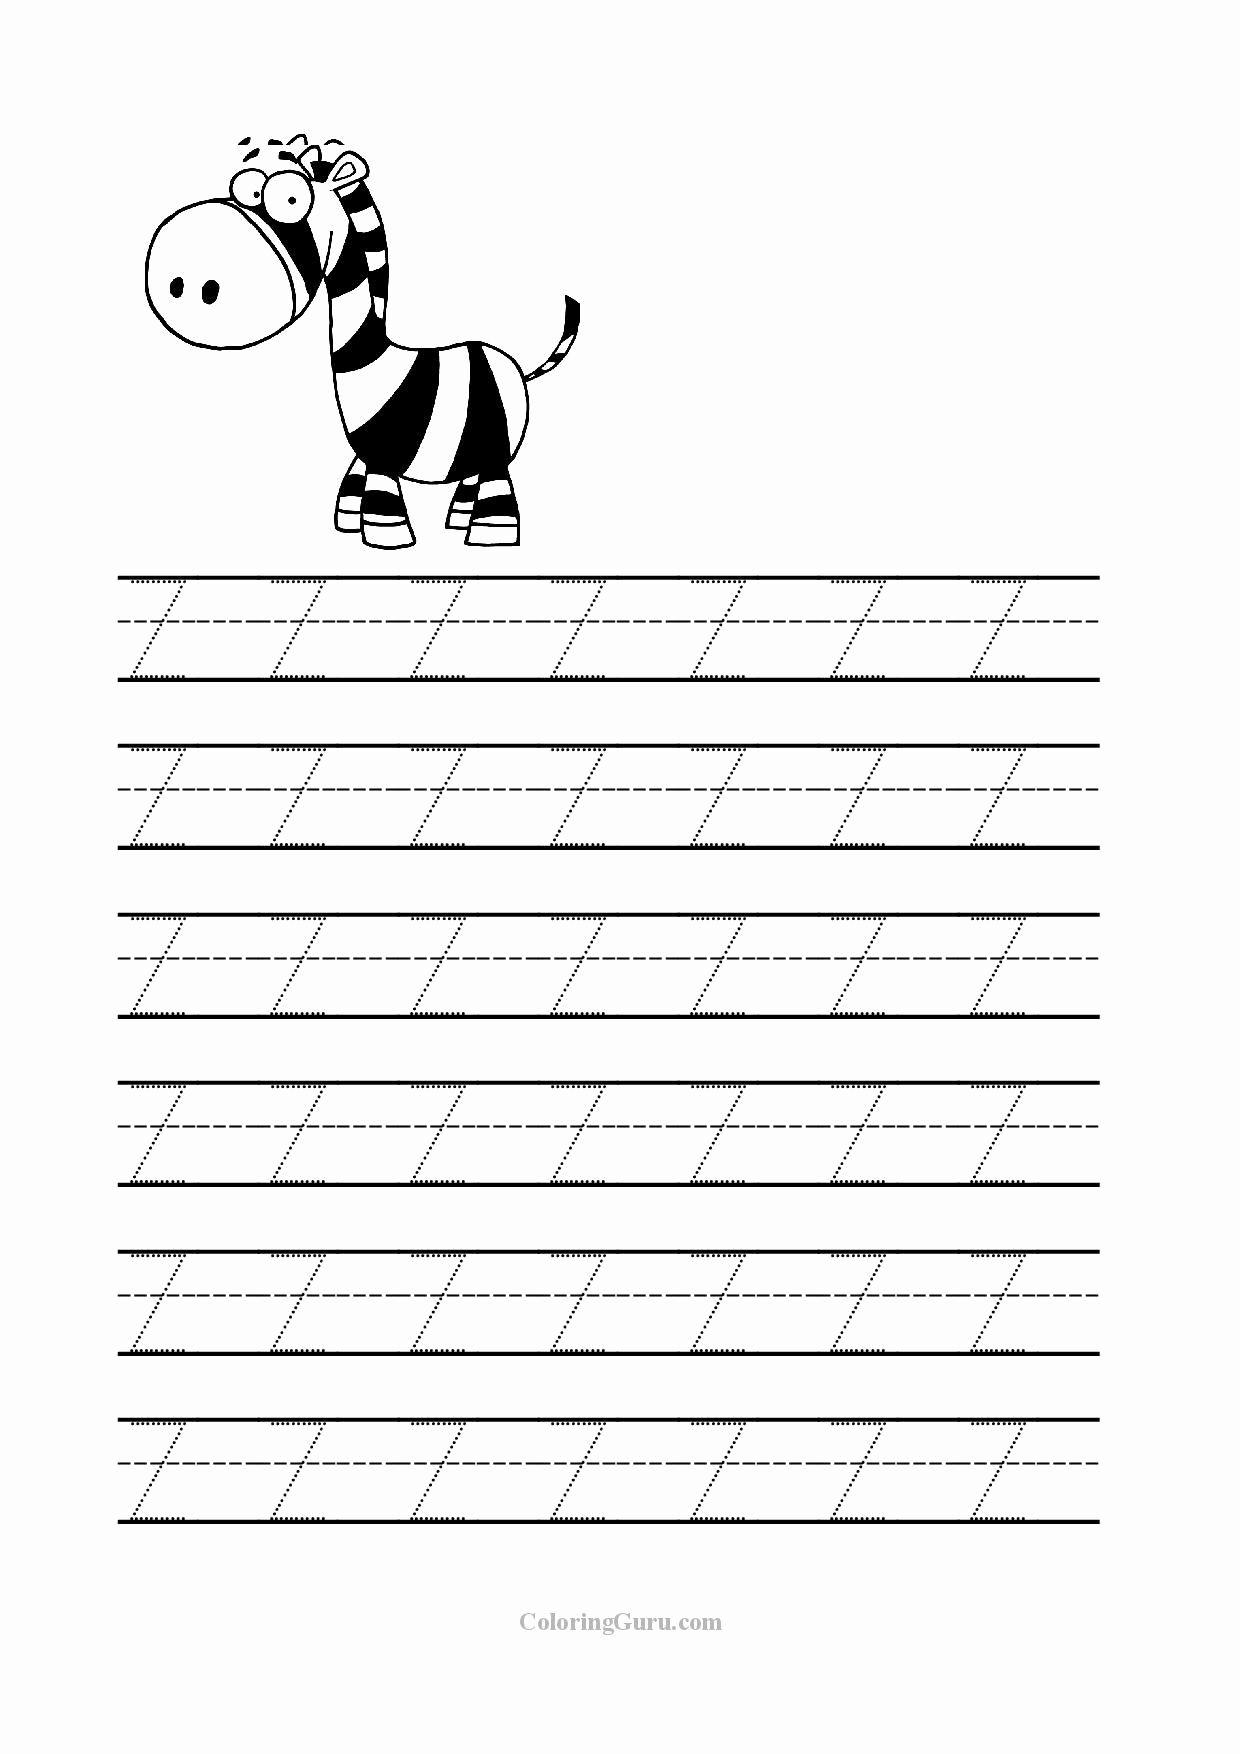 Letter Z Worksheet For Preschool In